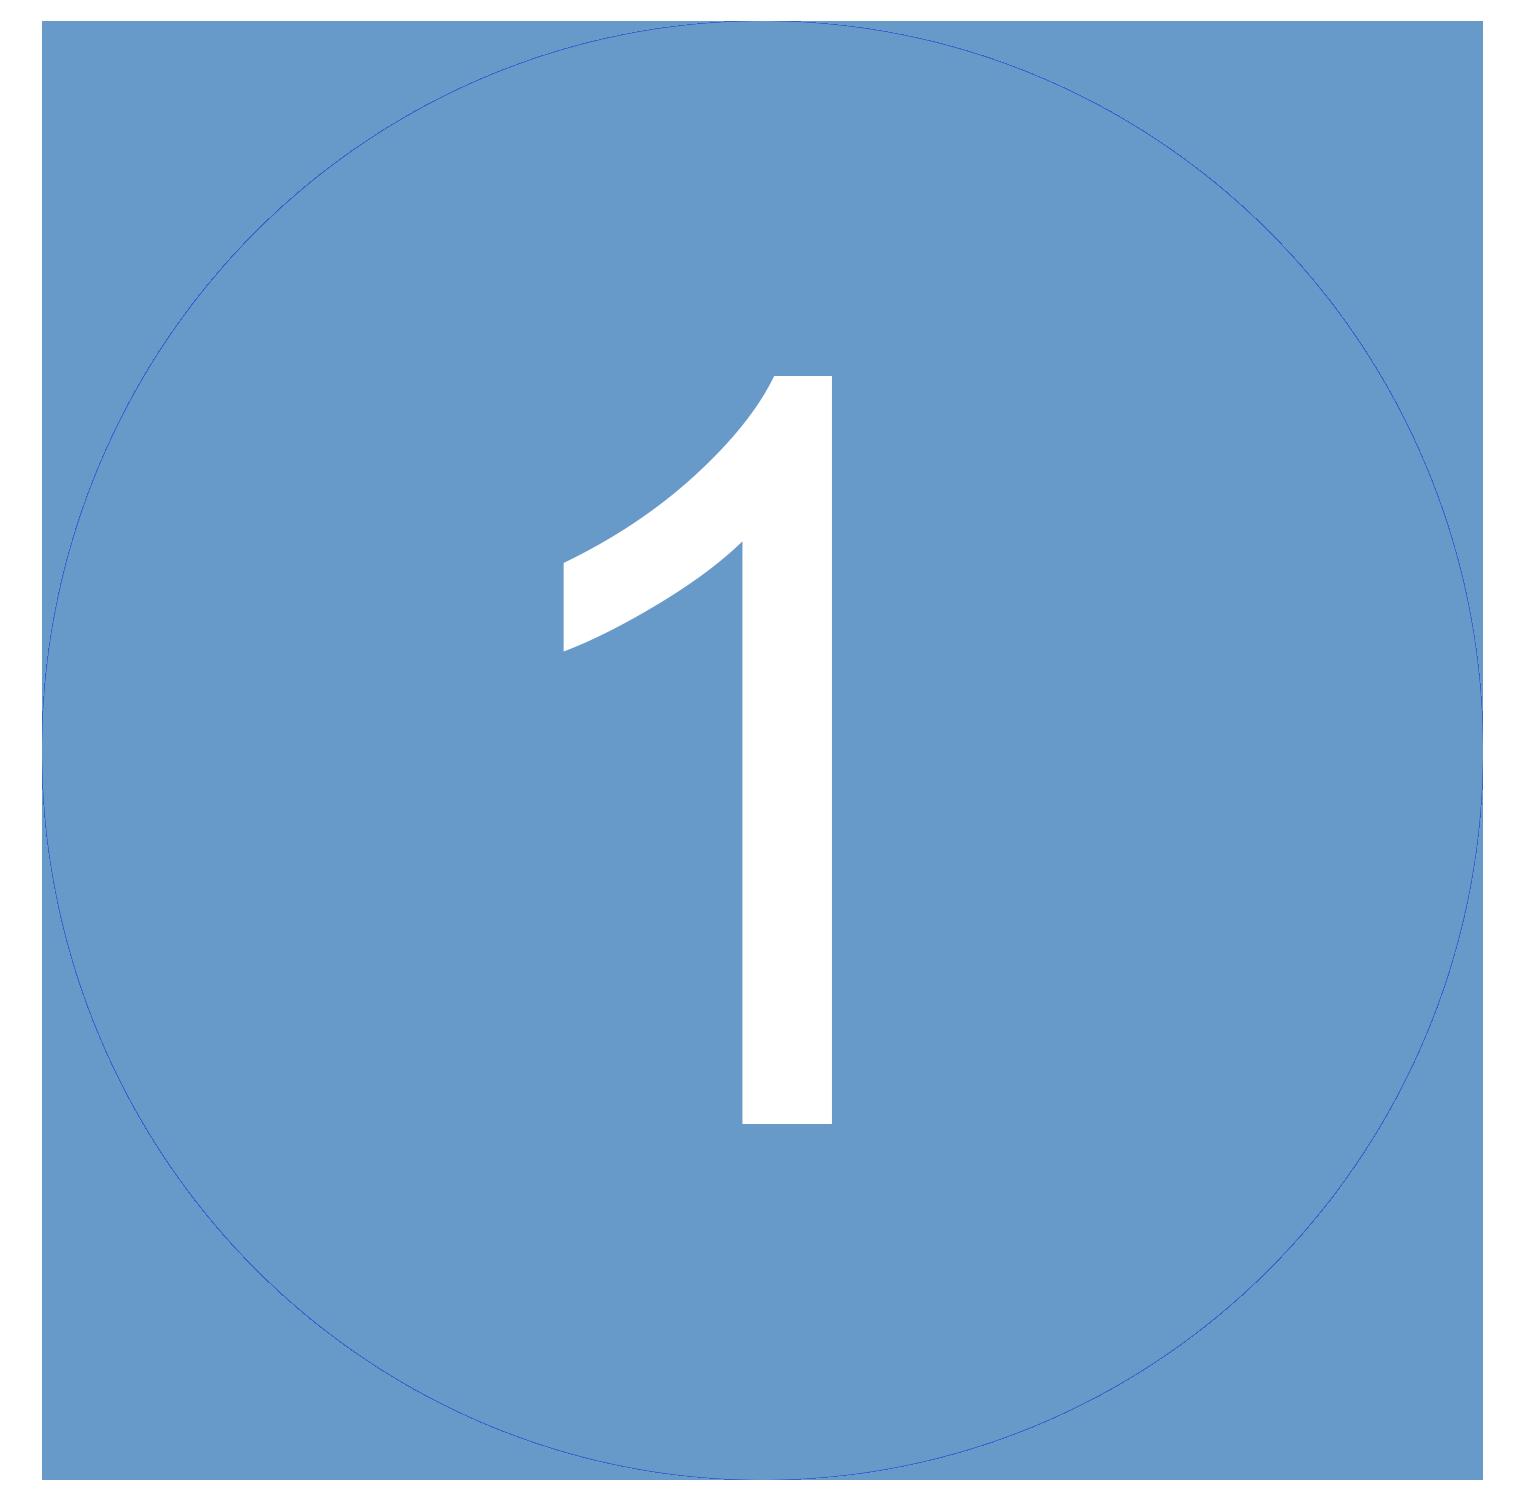 tph1.png